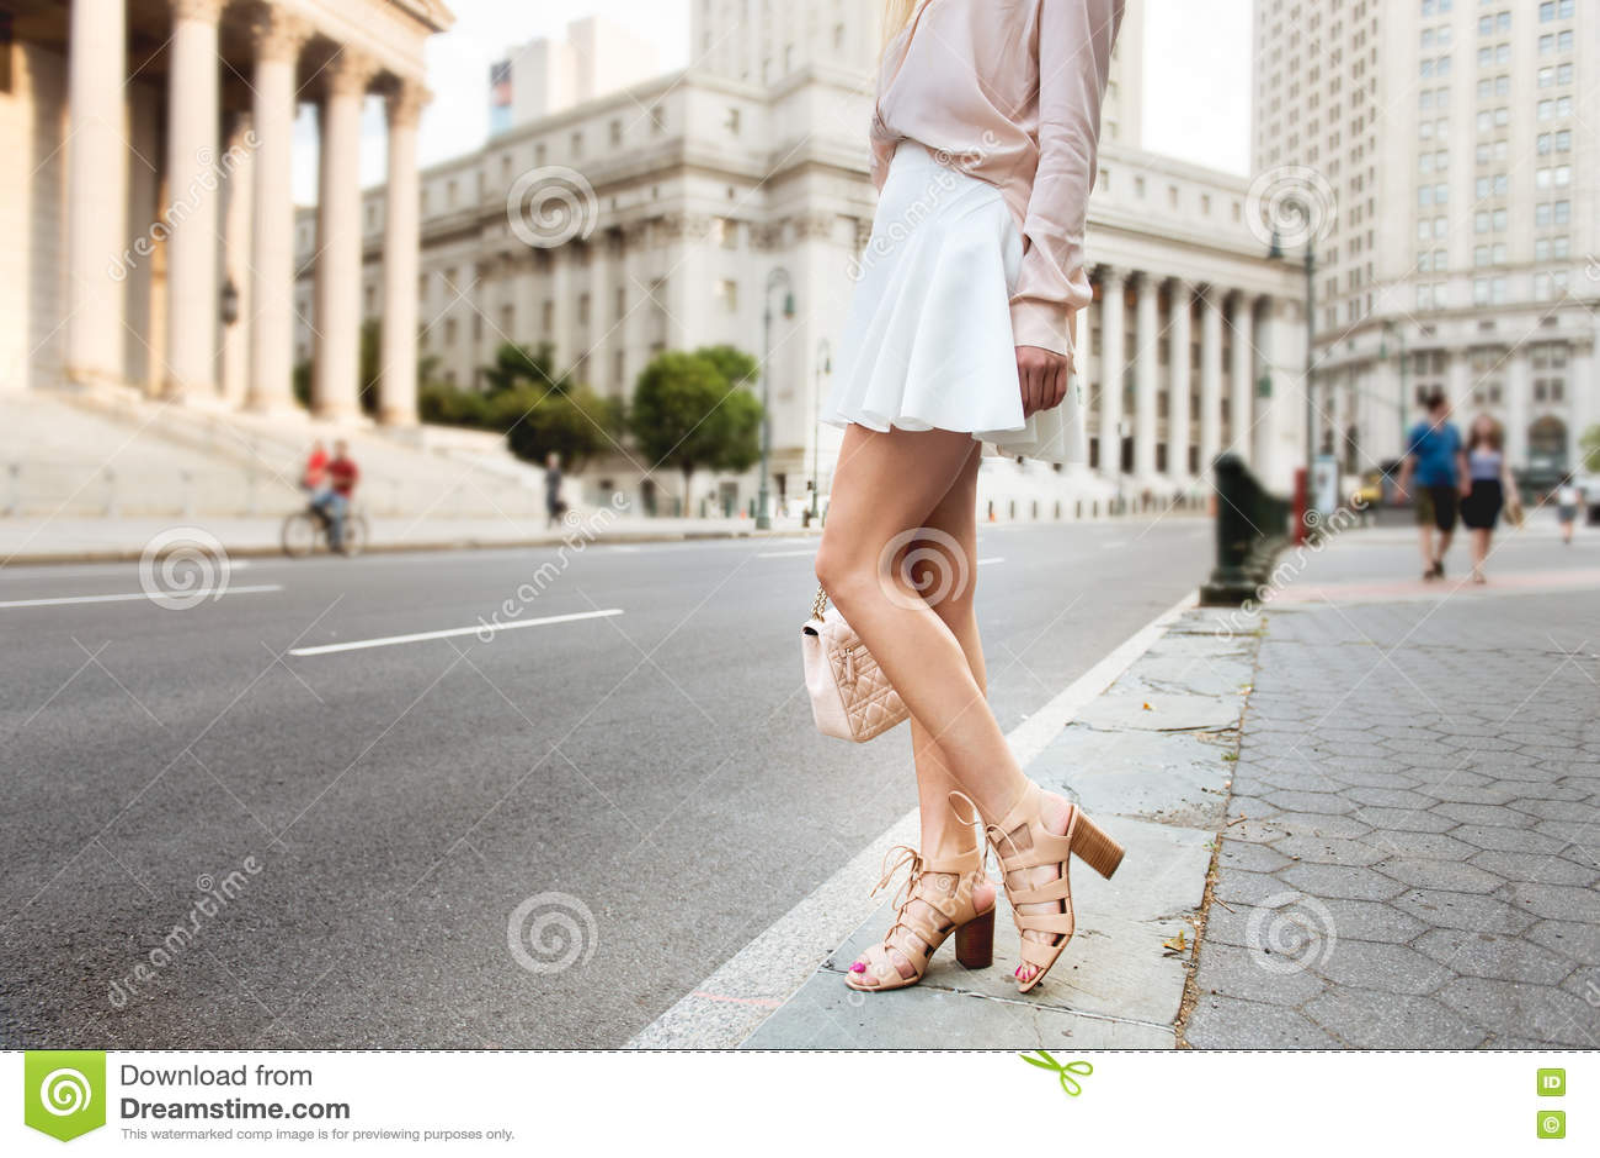 Фотки ног девушек в белой юбке снятый в машине — photo 9